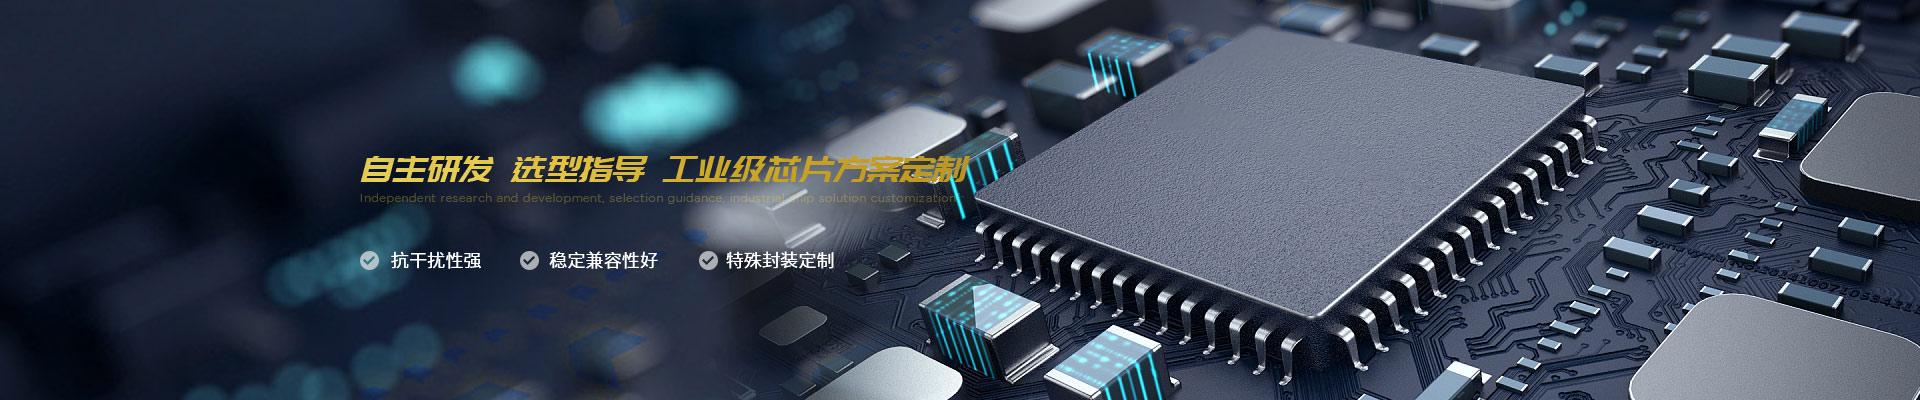 宇凡微-自主研发,选型指导,工业级芯片方案定制